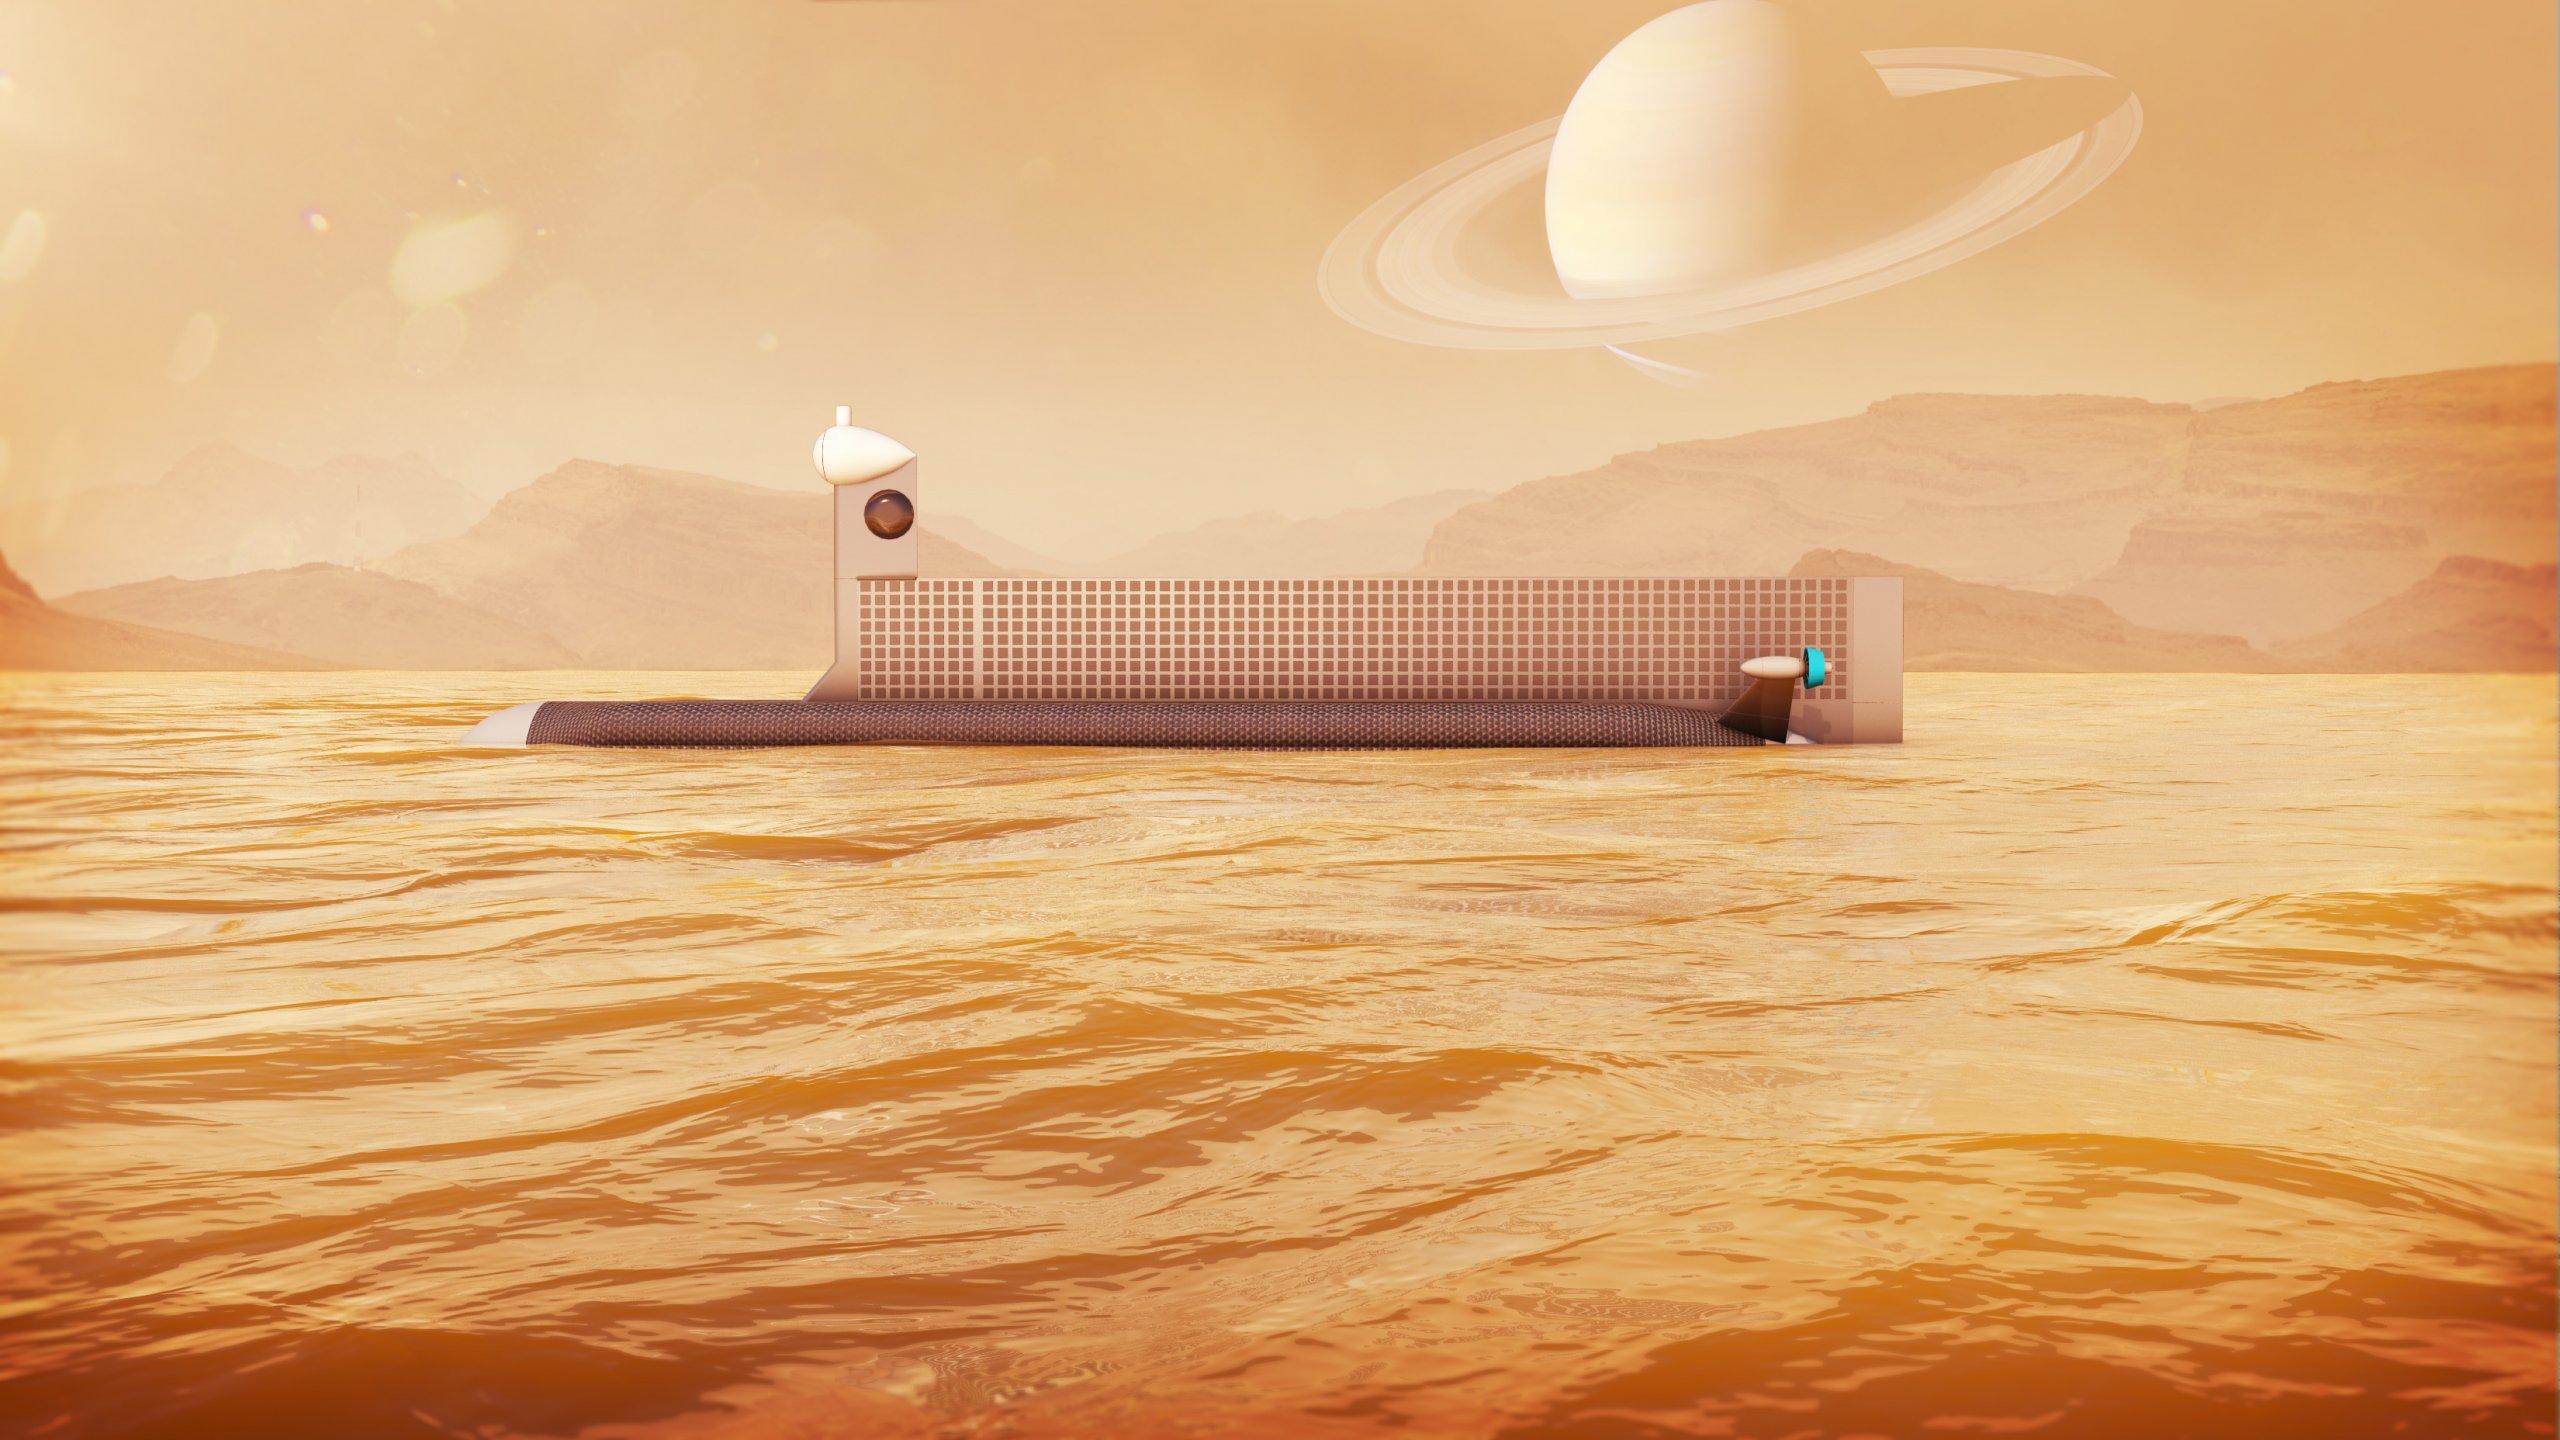 泰坦星潛艇外星生命